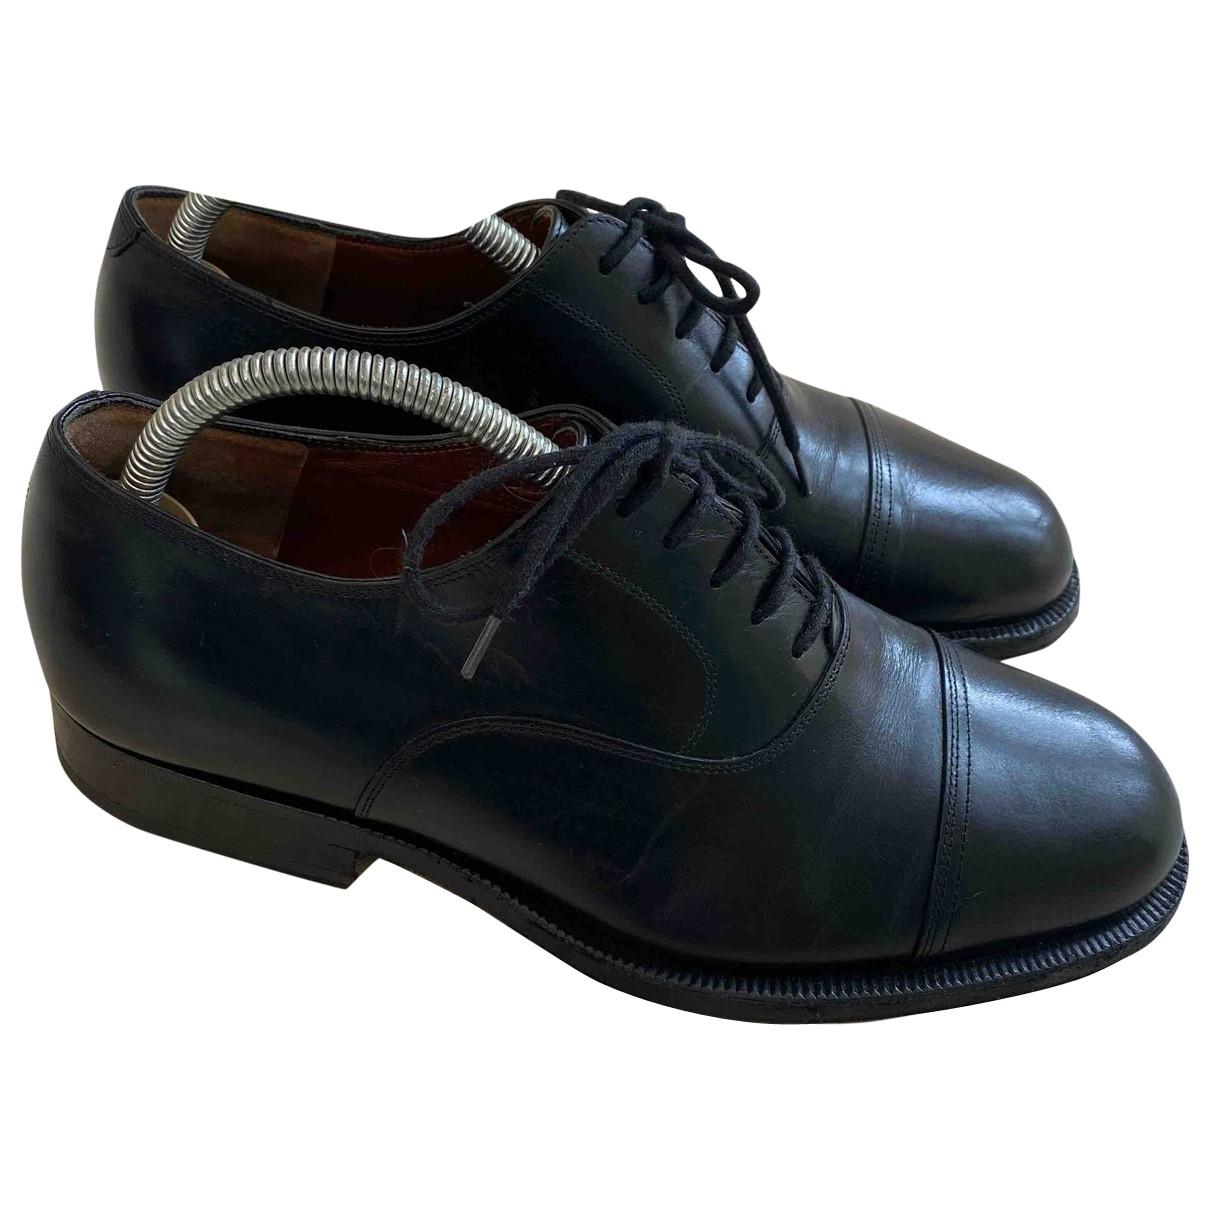 Fratelli Rossetti - Derbies   pour homme en cuir - noir